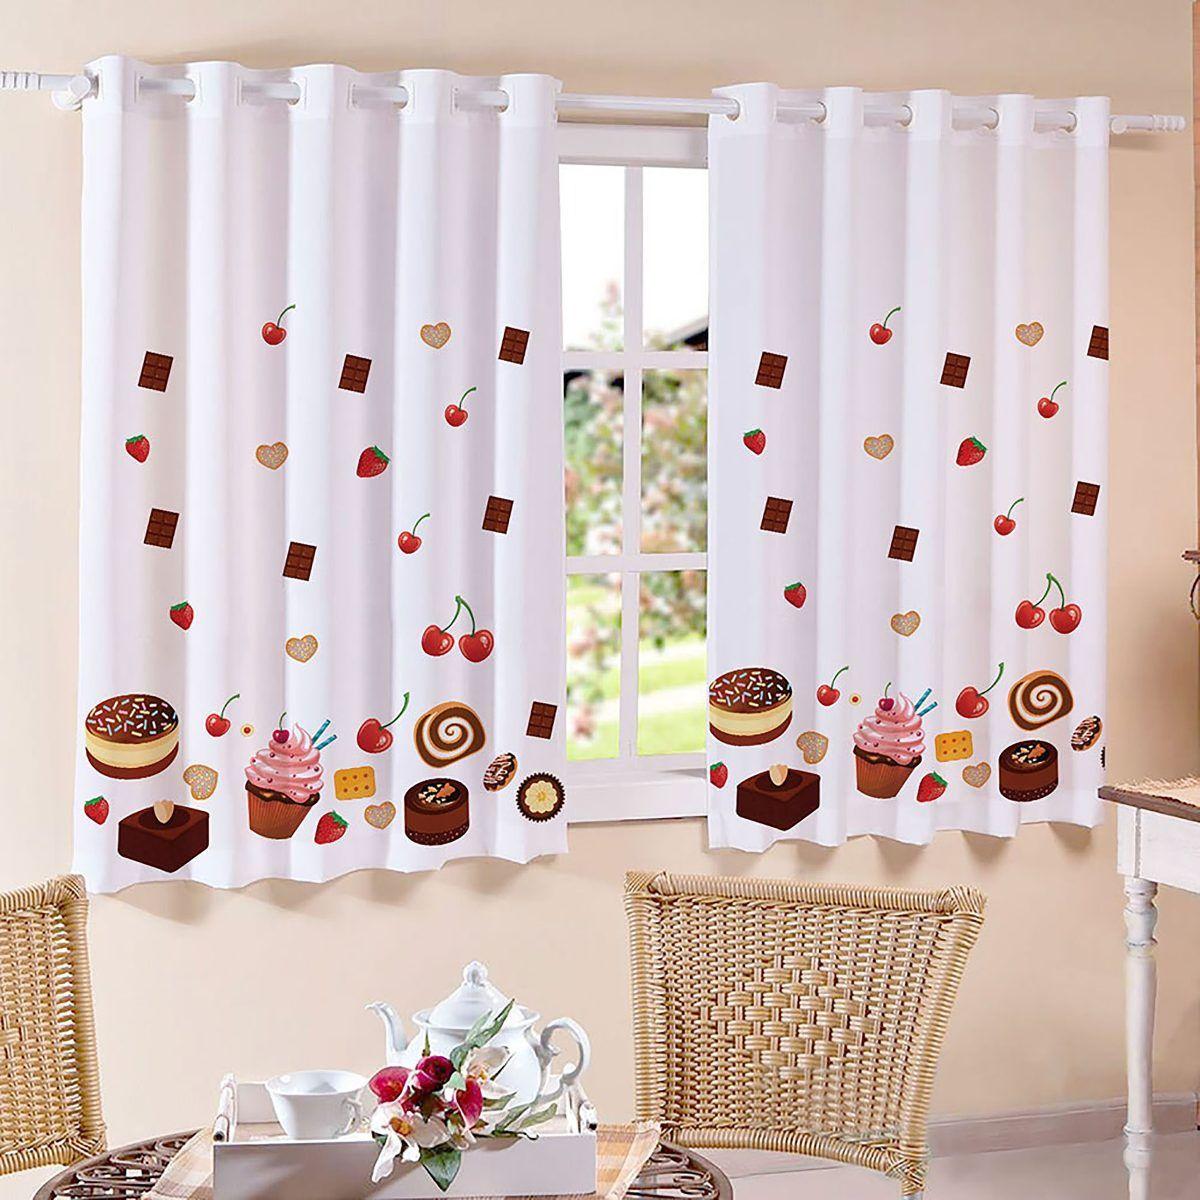 Imagen relacionada cortinas y persianas pinterest for Sillones para cocina